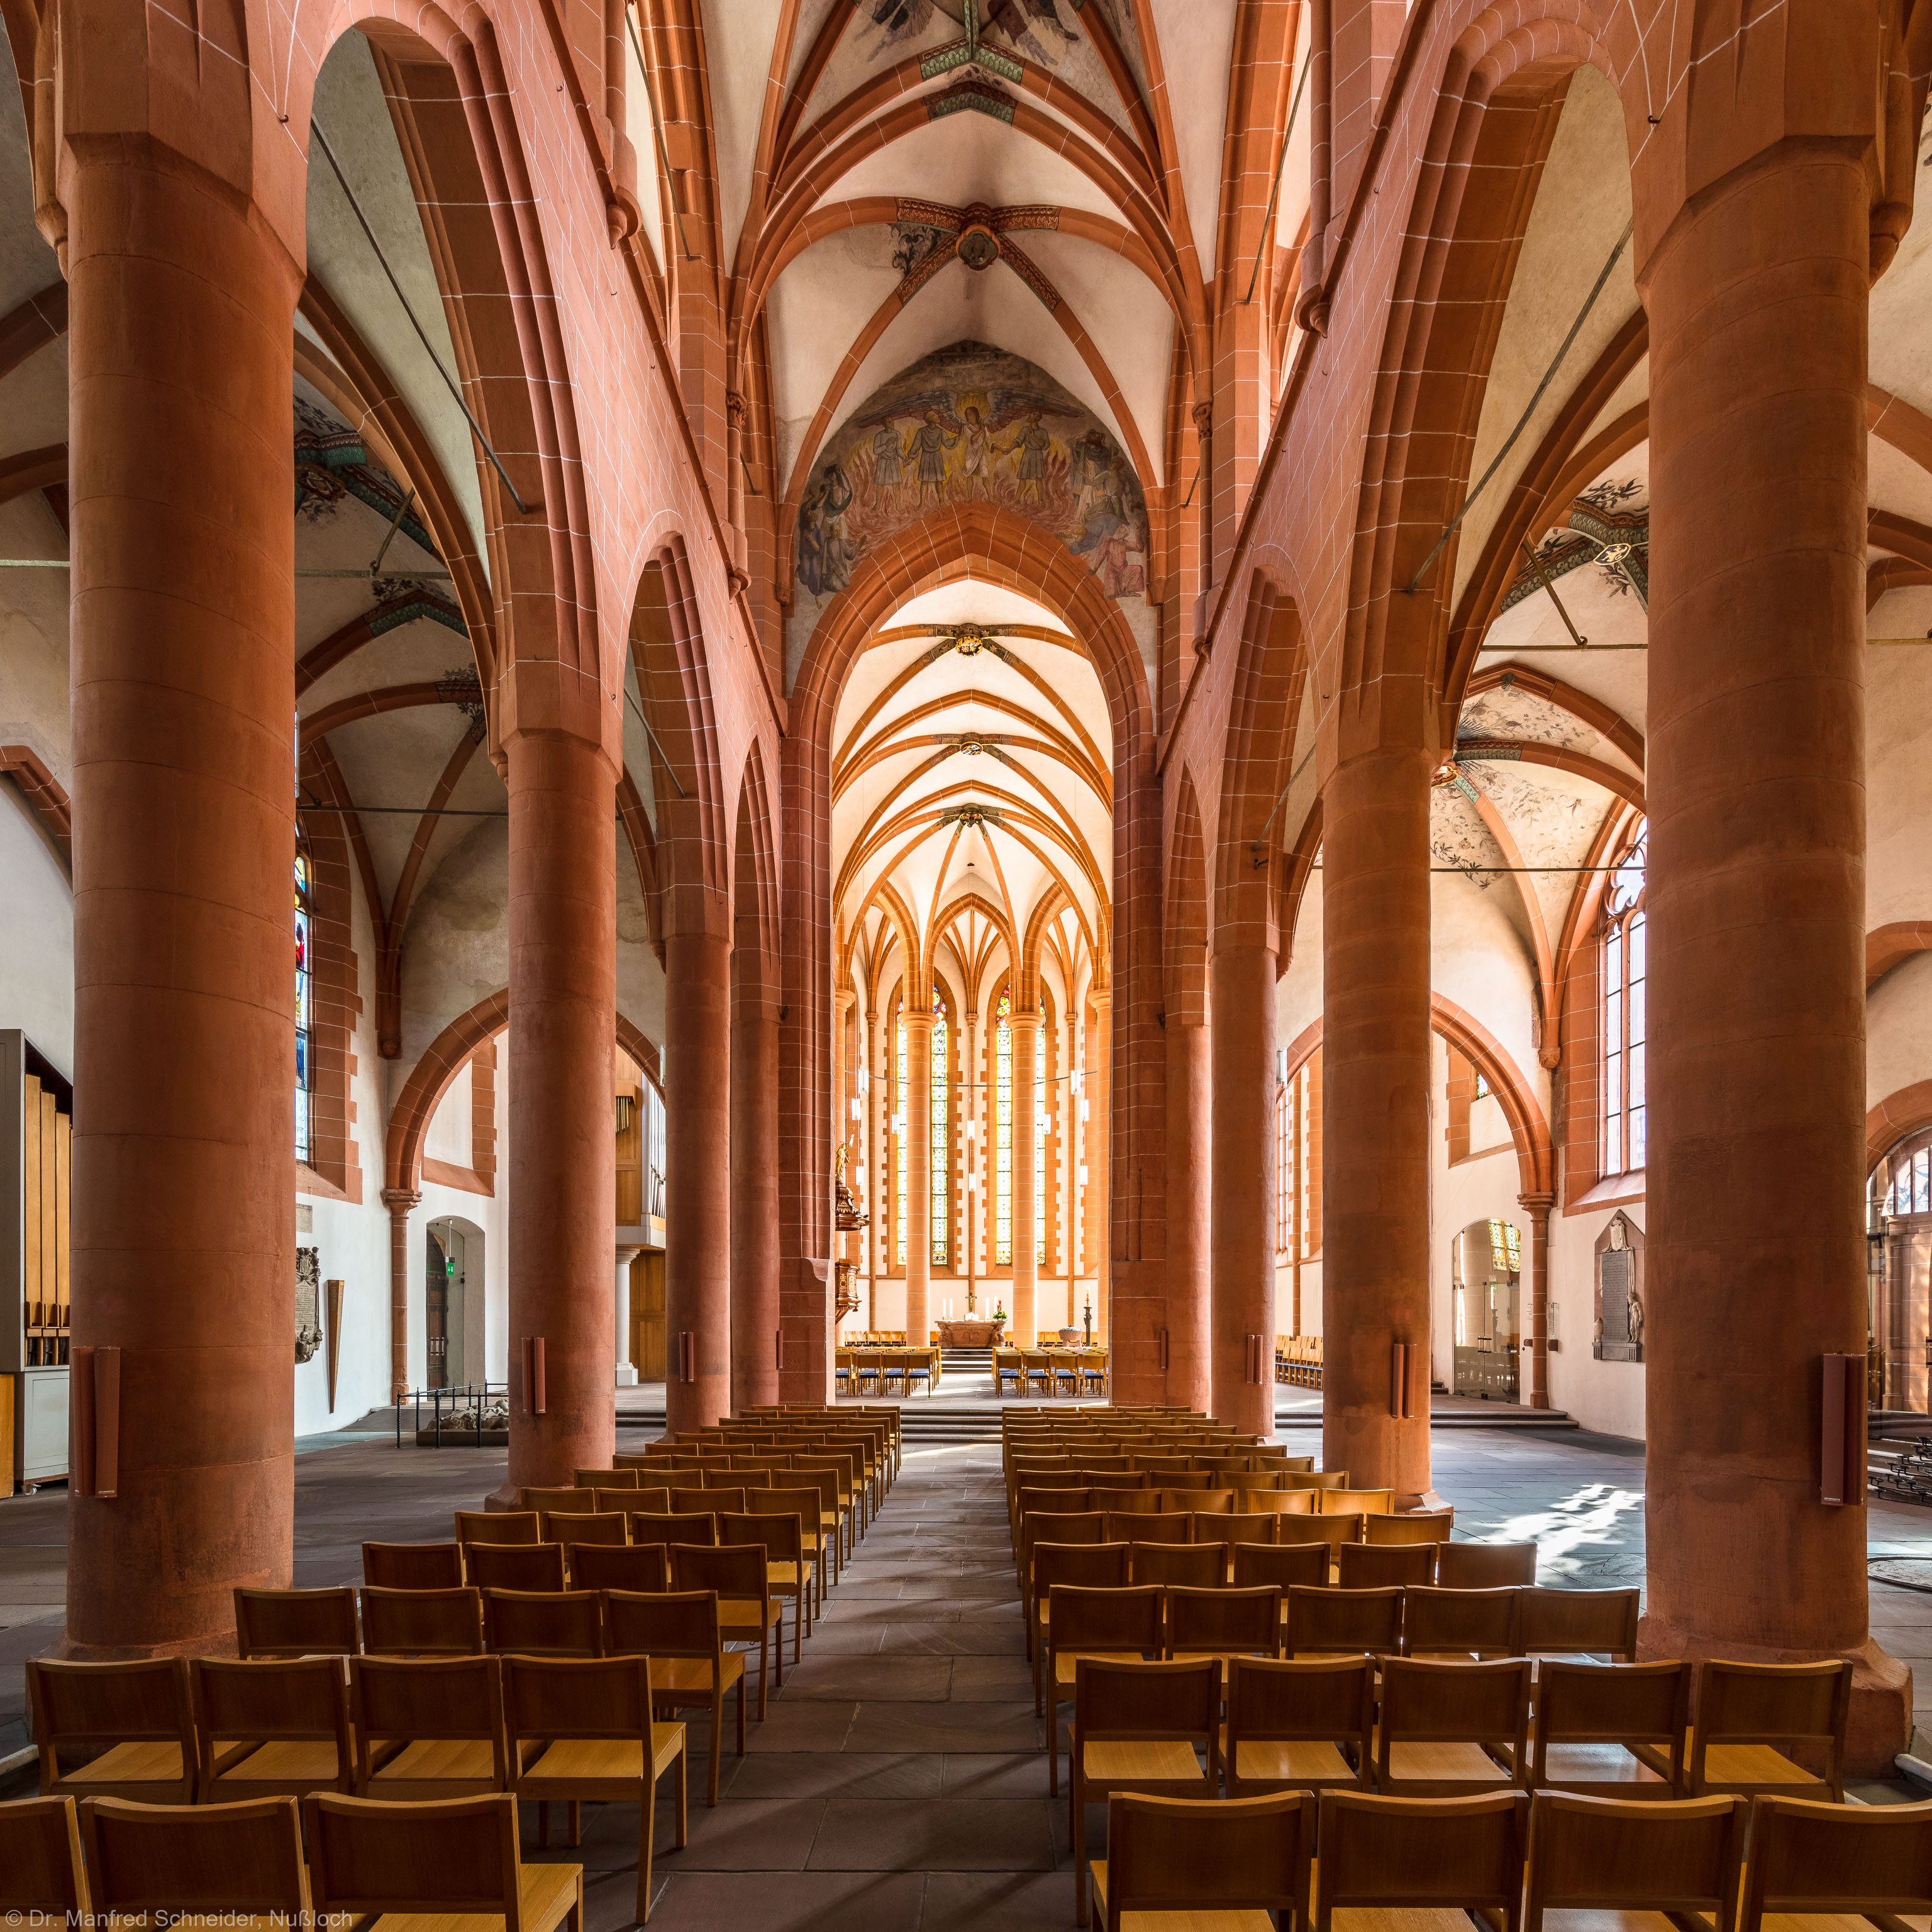 Heidelberg - Heiliggeistkirche - Mittelschiff - Blick durch die Schiffe auf den Chor (aufgenommen im September 2015, am späten Vormittag)